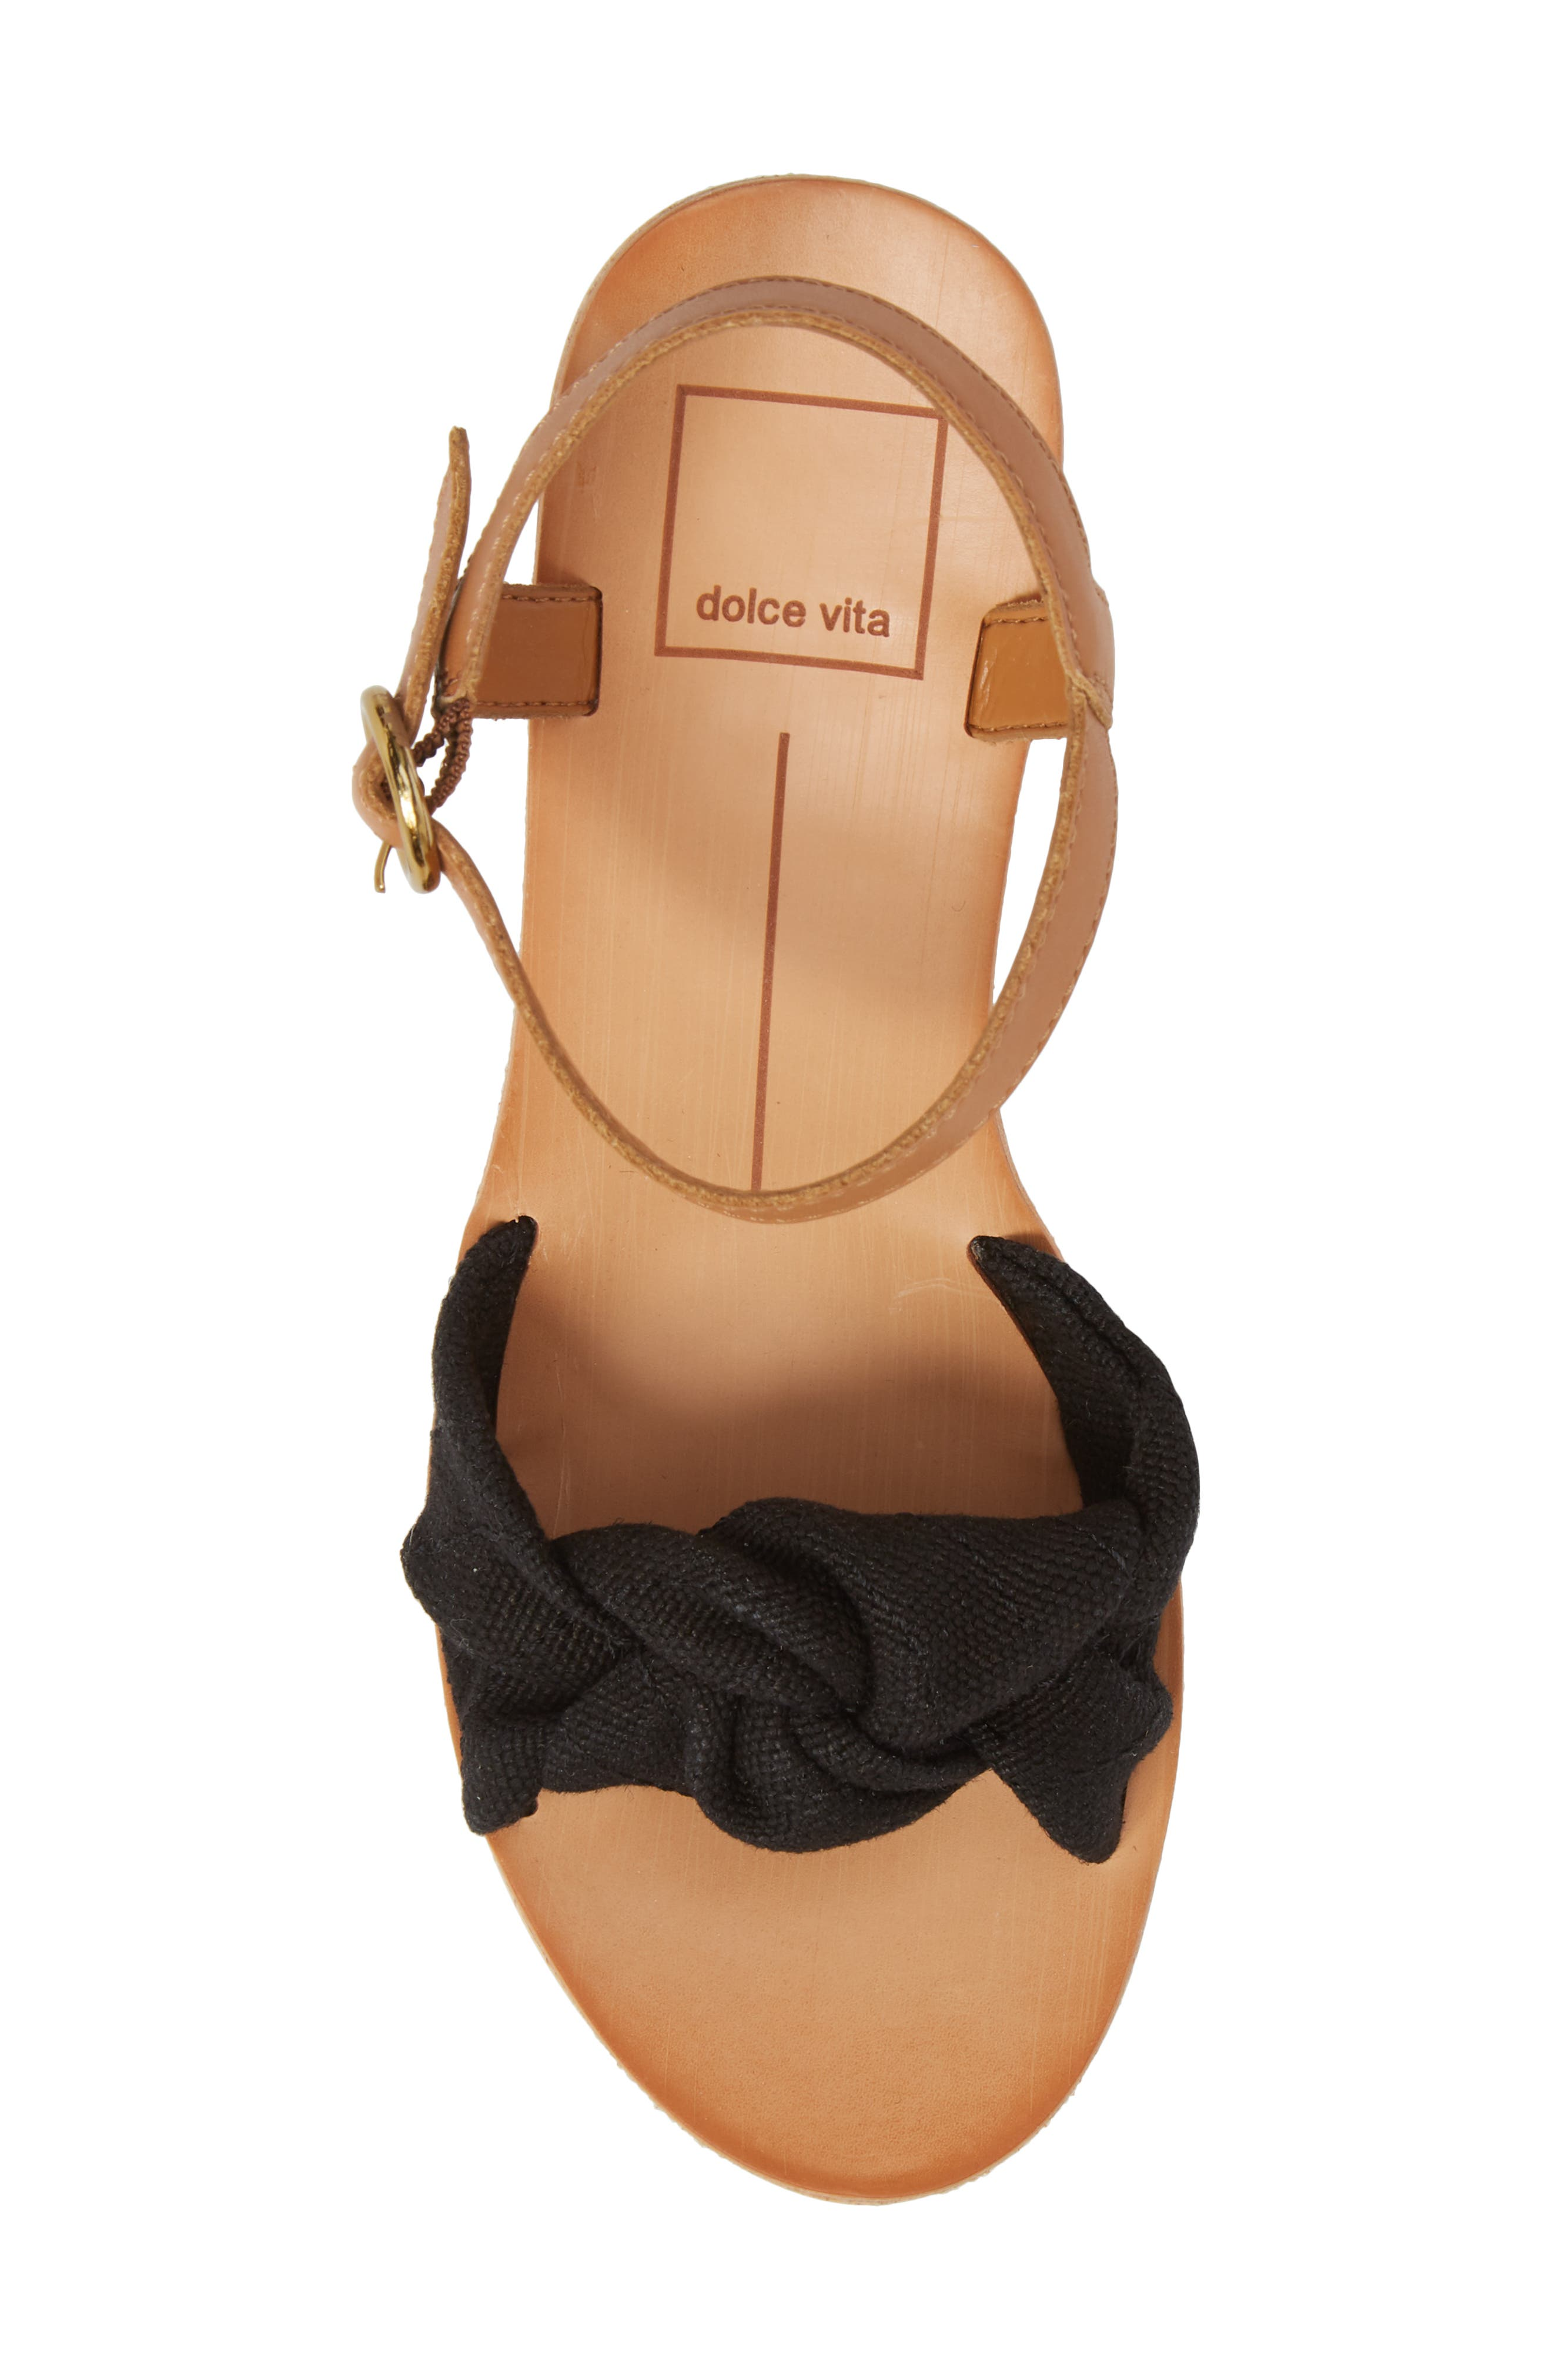 Shia Knotted Platform Sandal,                             Alternate thumbnail 5, color,                             001